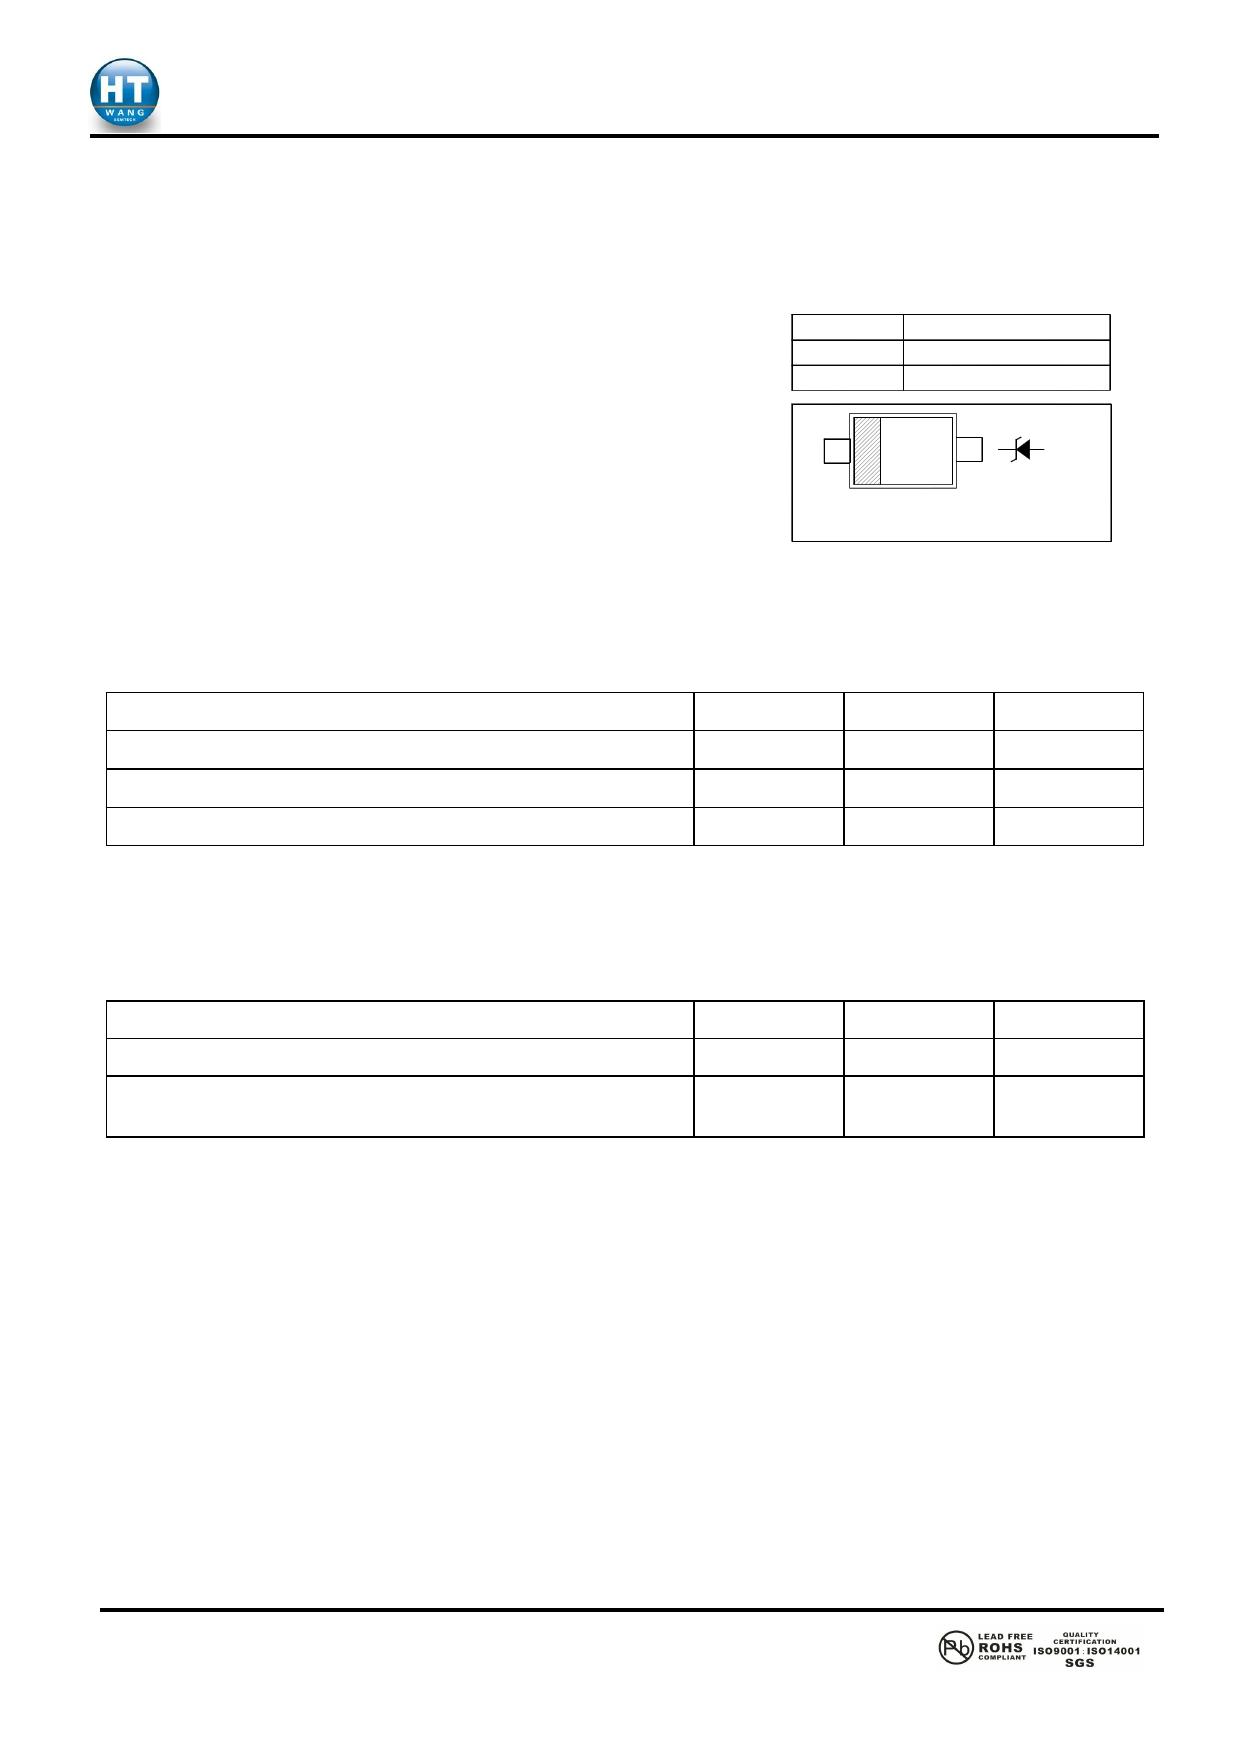 MM1Z68 datasheet